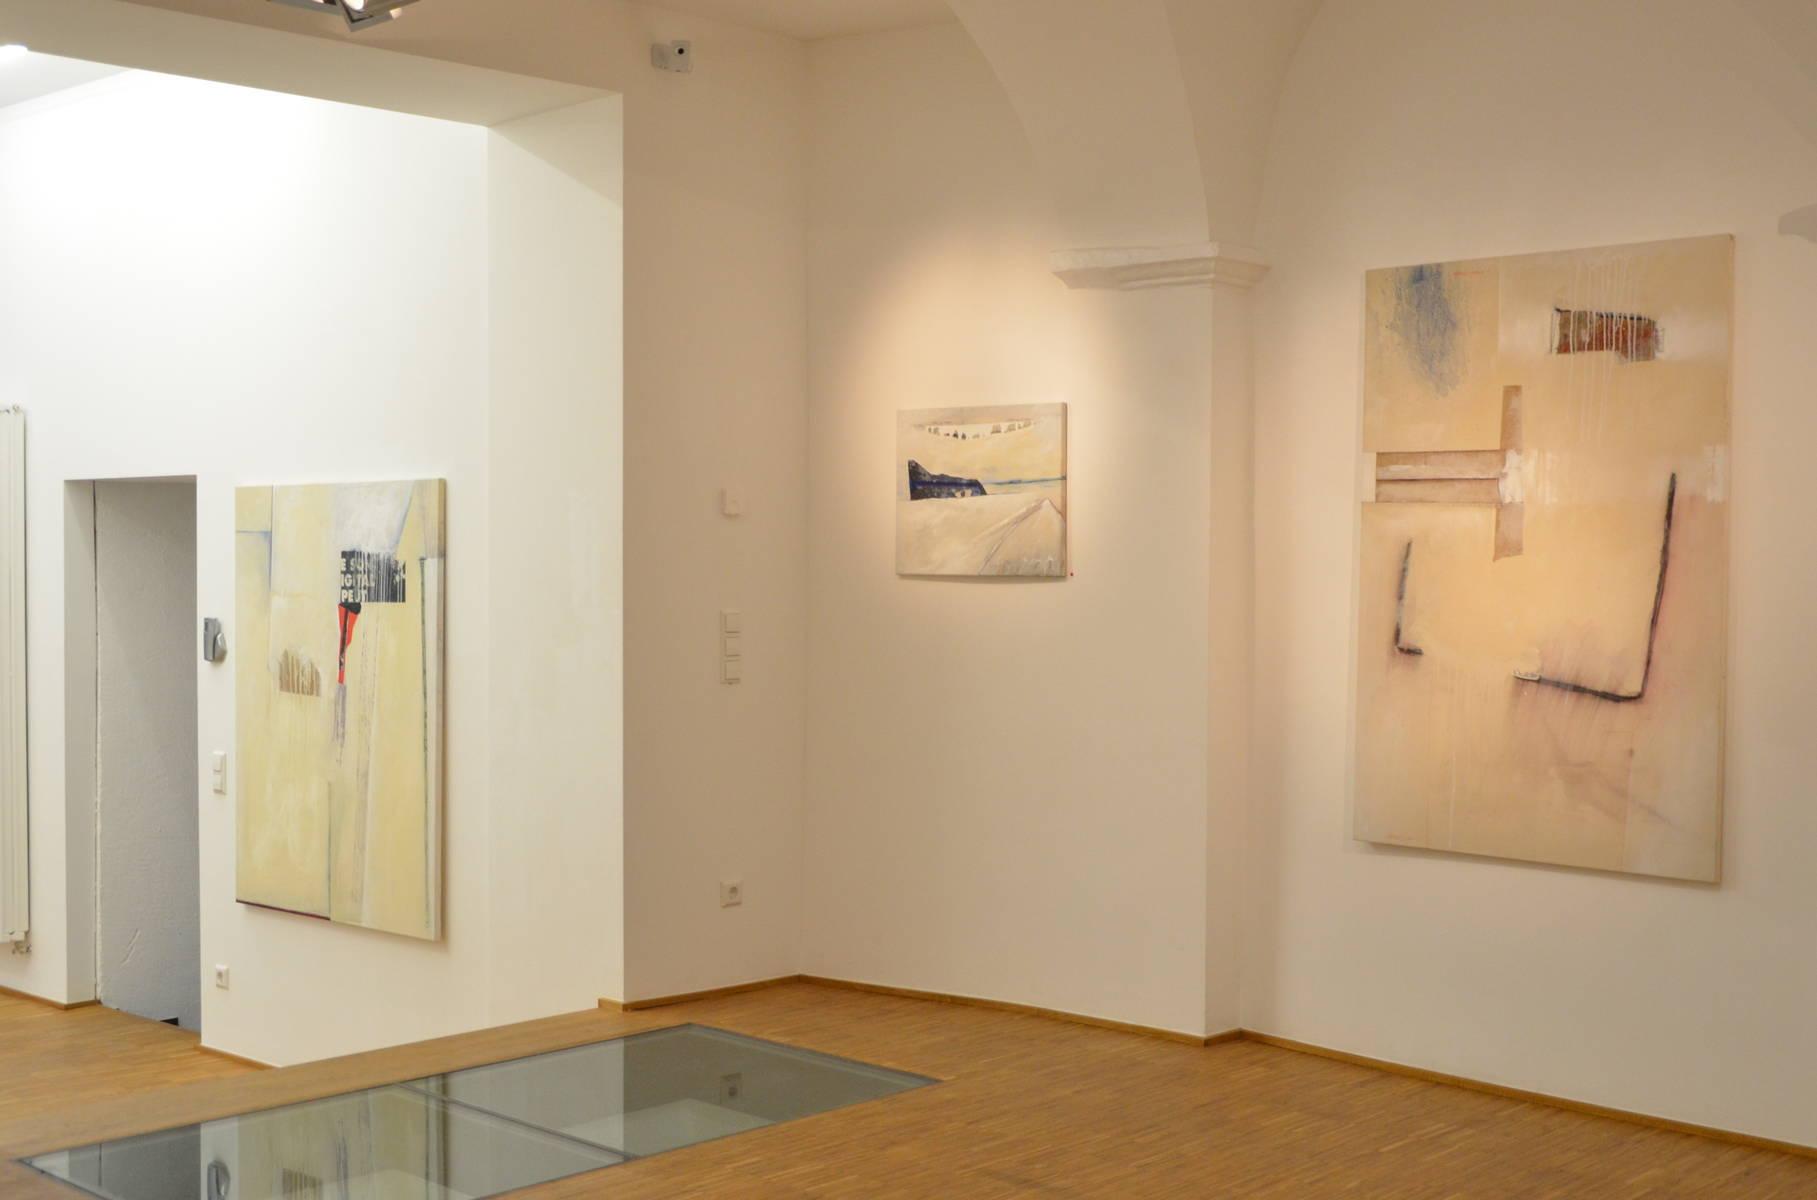 2_Robert Brandy 2012 luxembourg 103